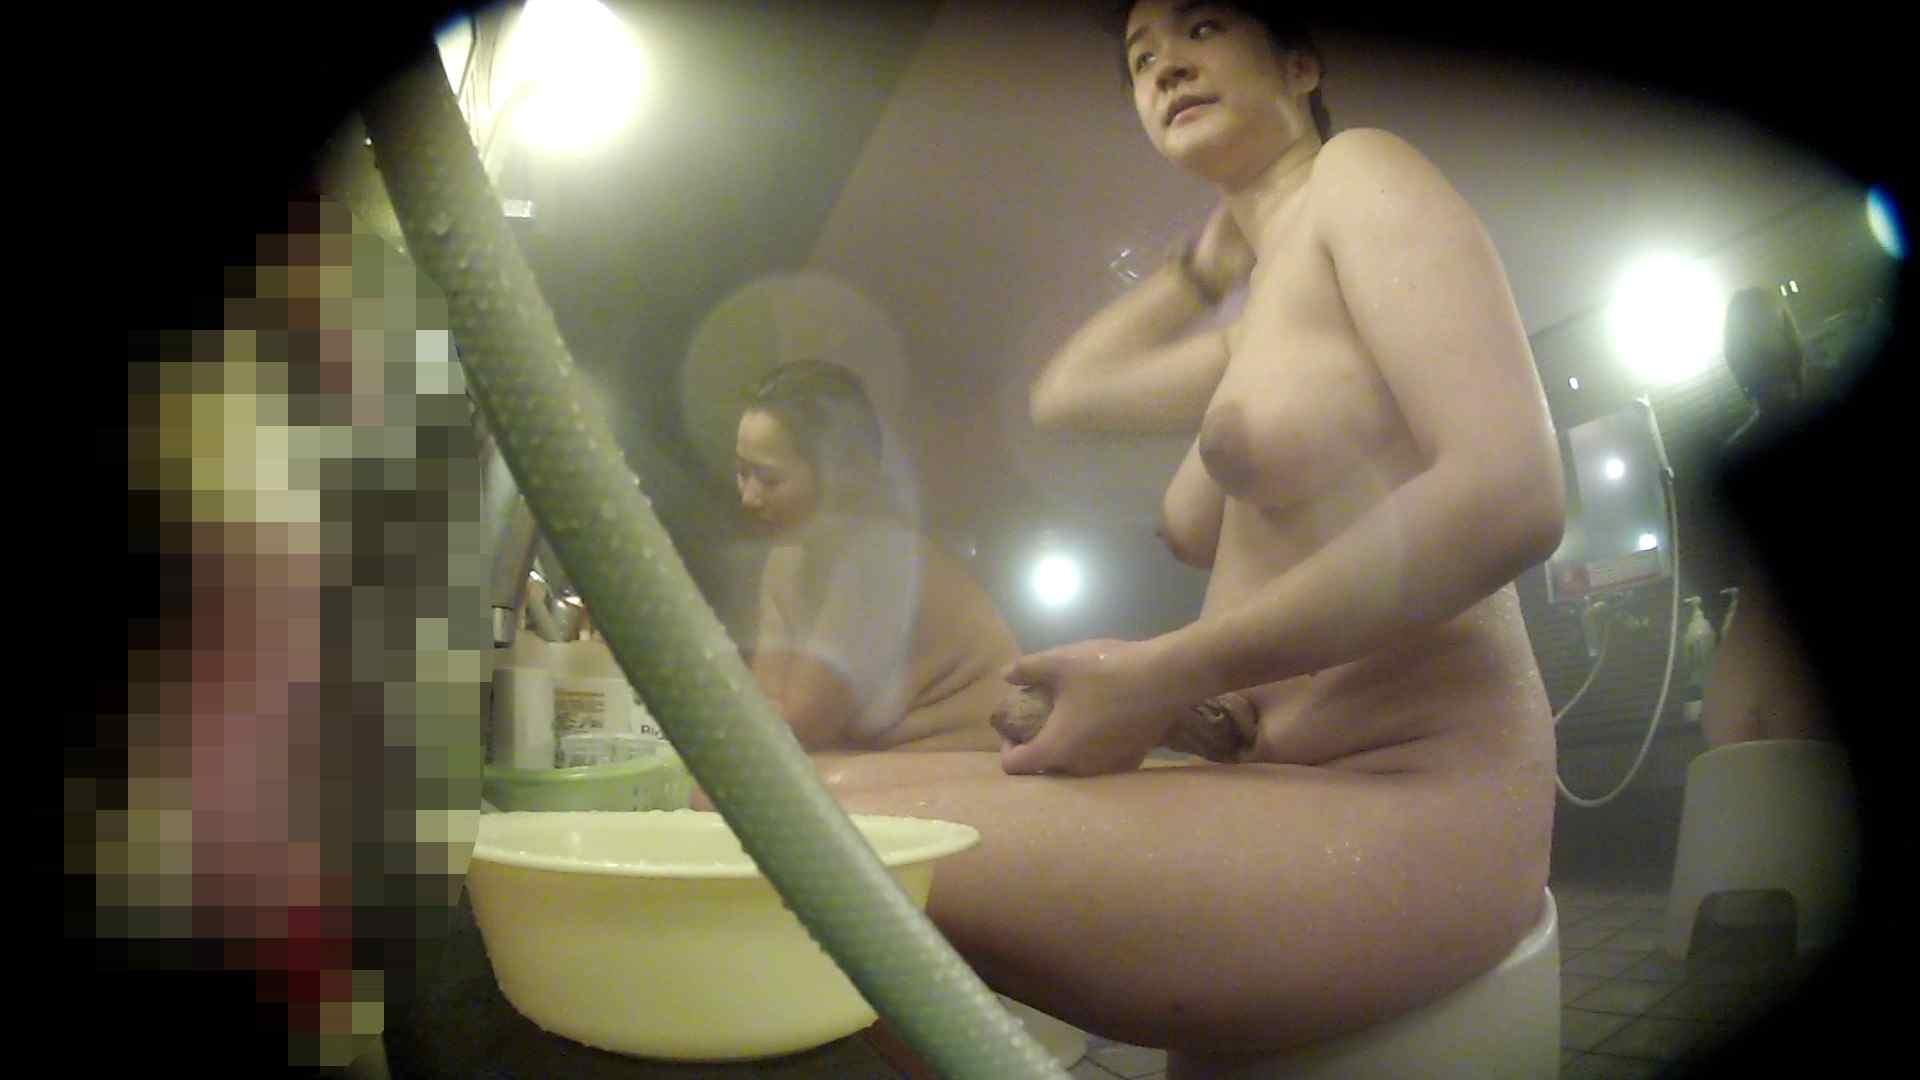 ハイビジョン 洗い場!豊満な乳が大地へと・・・乳輪の大きさは人それぞれ 銭湯特撮 | エロくん潜入  91連発 7